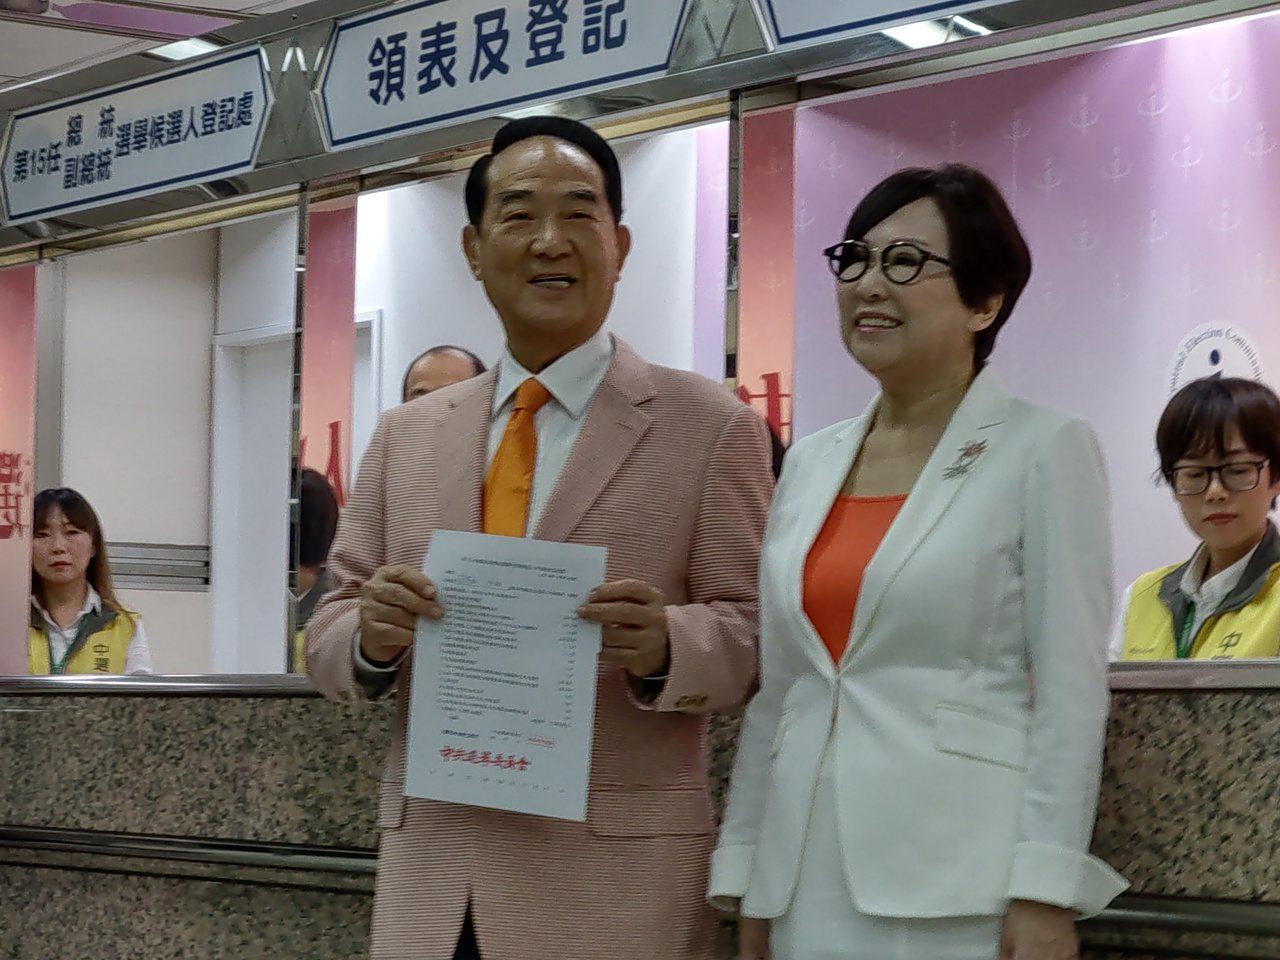 親民黨總統候選人與副總統候選人余湘完成參選登記。記者劉宛琳/攝影